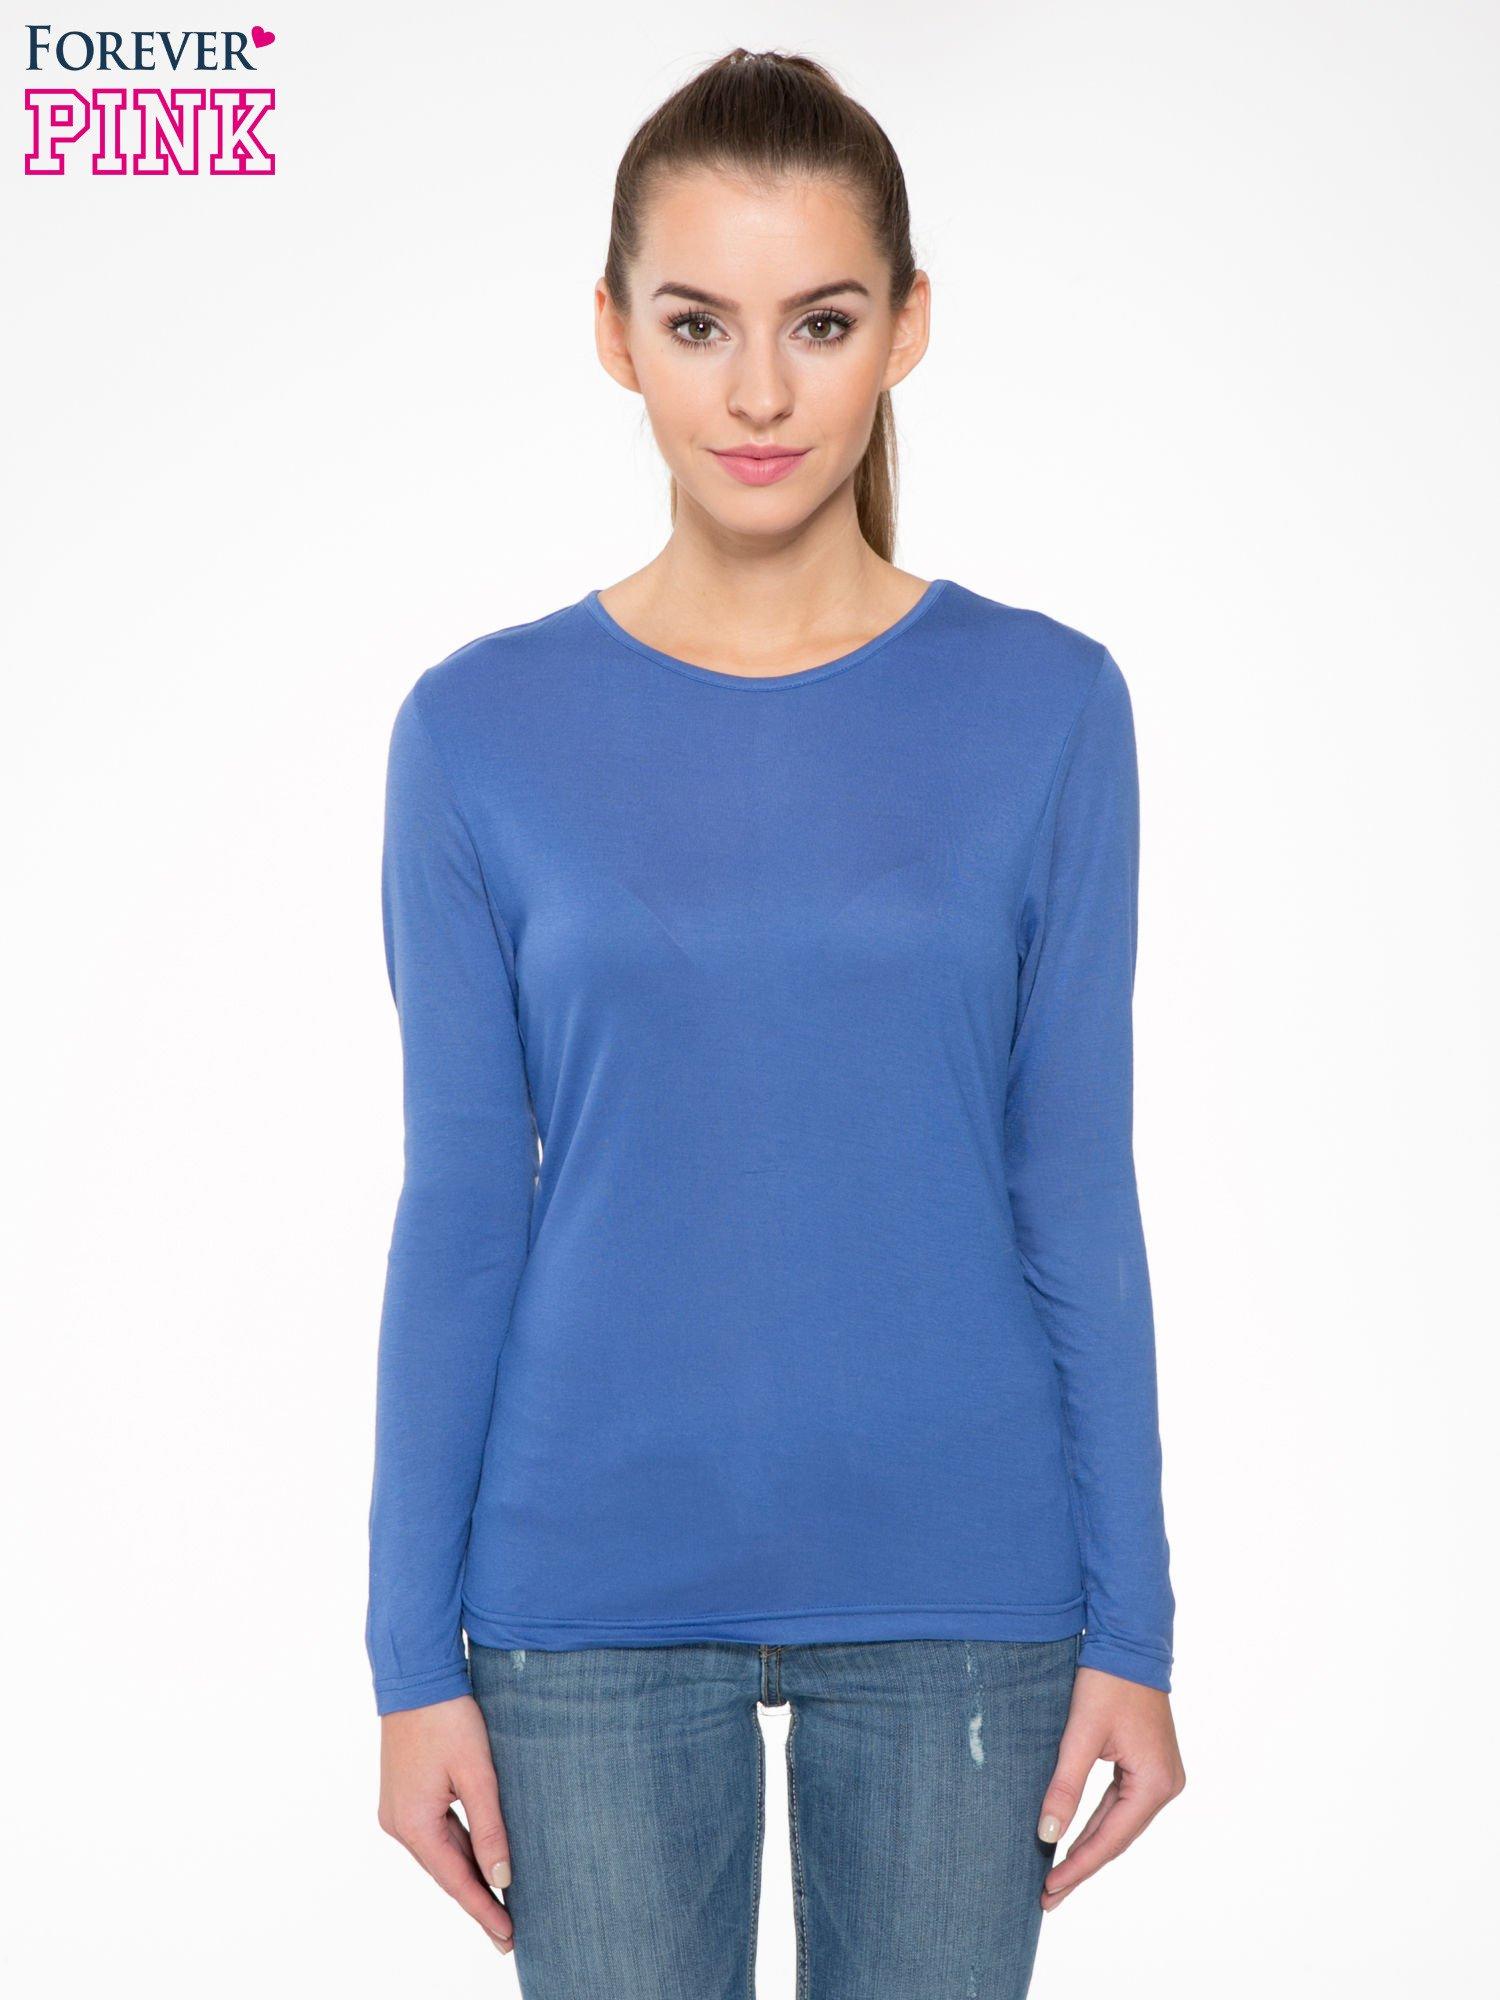 Niebieska bawełniana bluzka typu basic z długim rękawem                                  zdj.                                  1